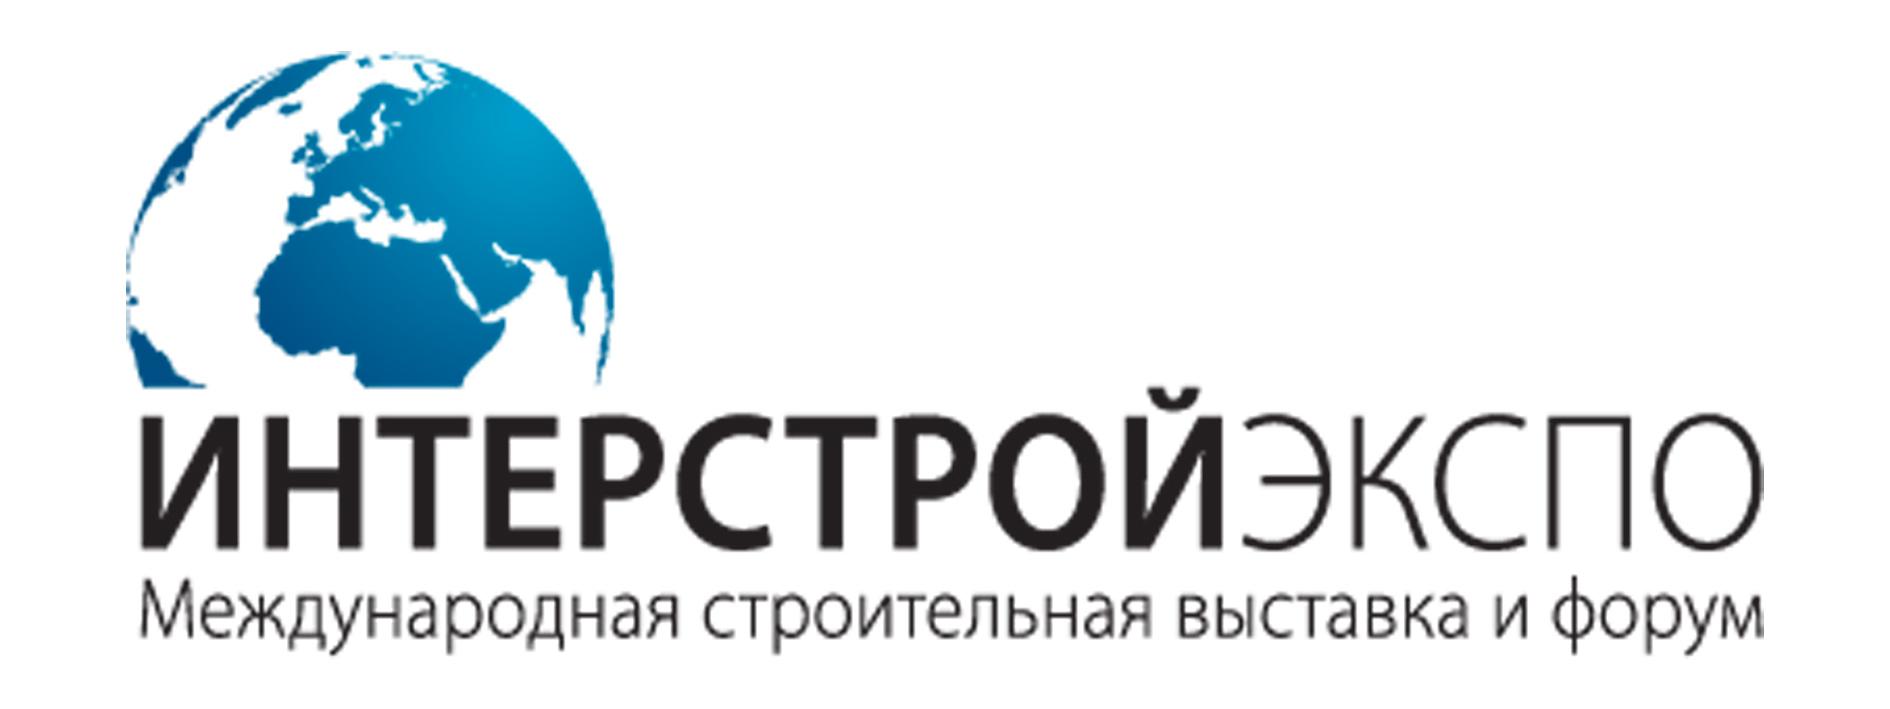 Выставка-форум «Интерстройэкспо» г. Санкт-Петербург